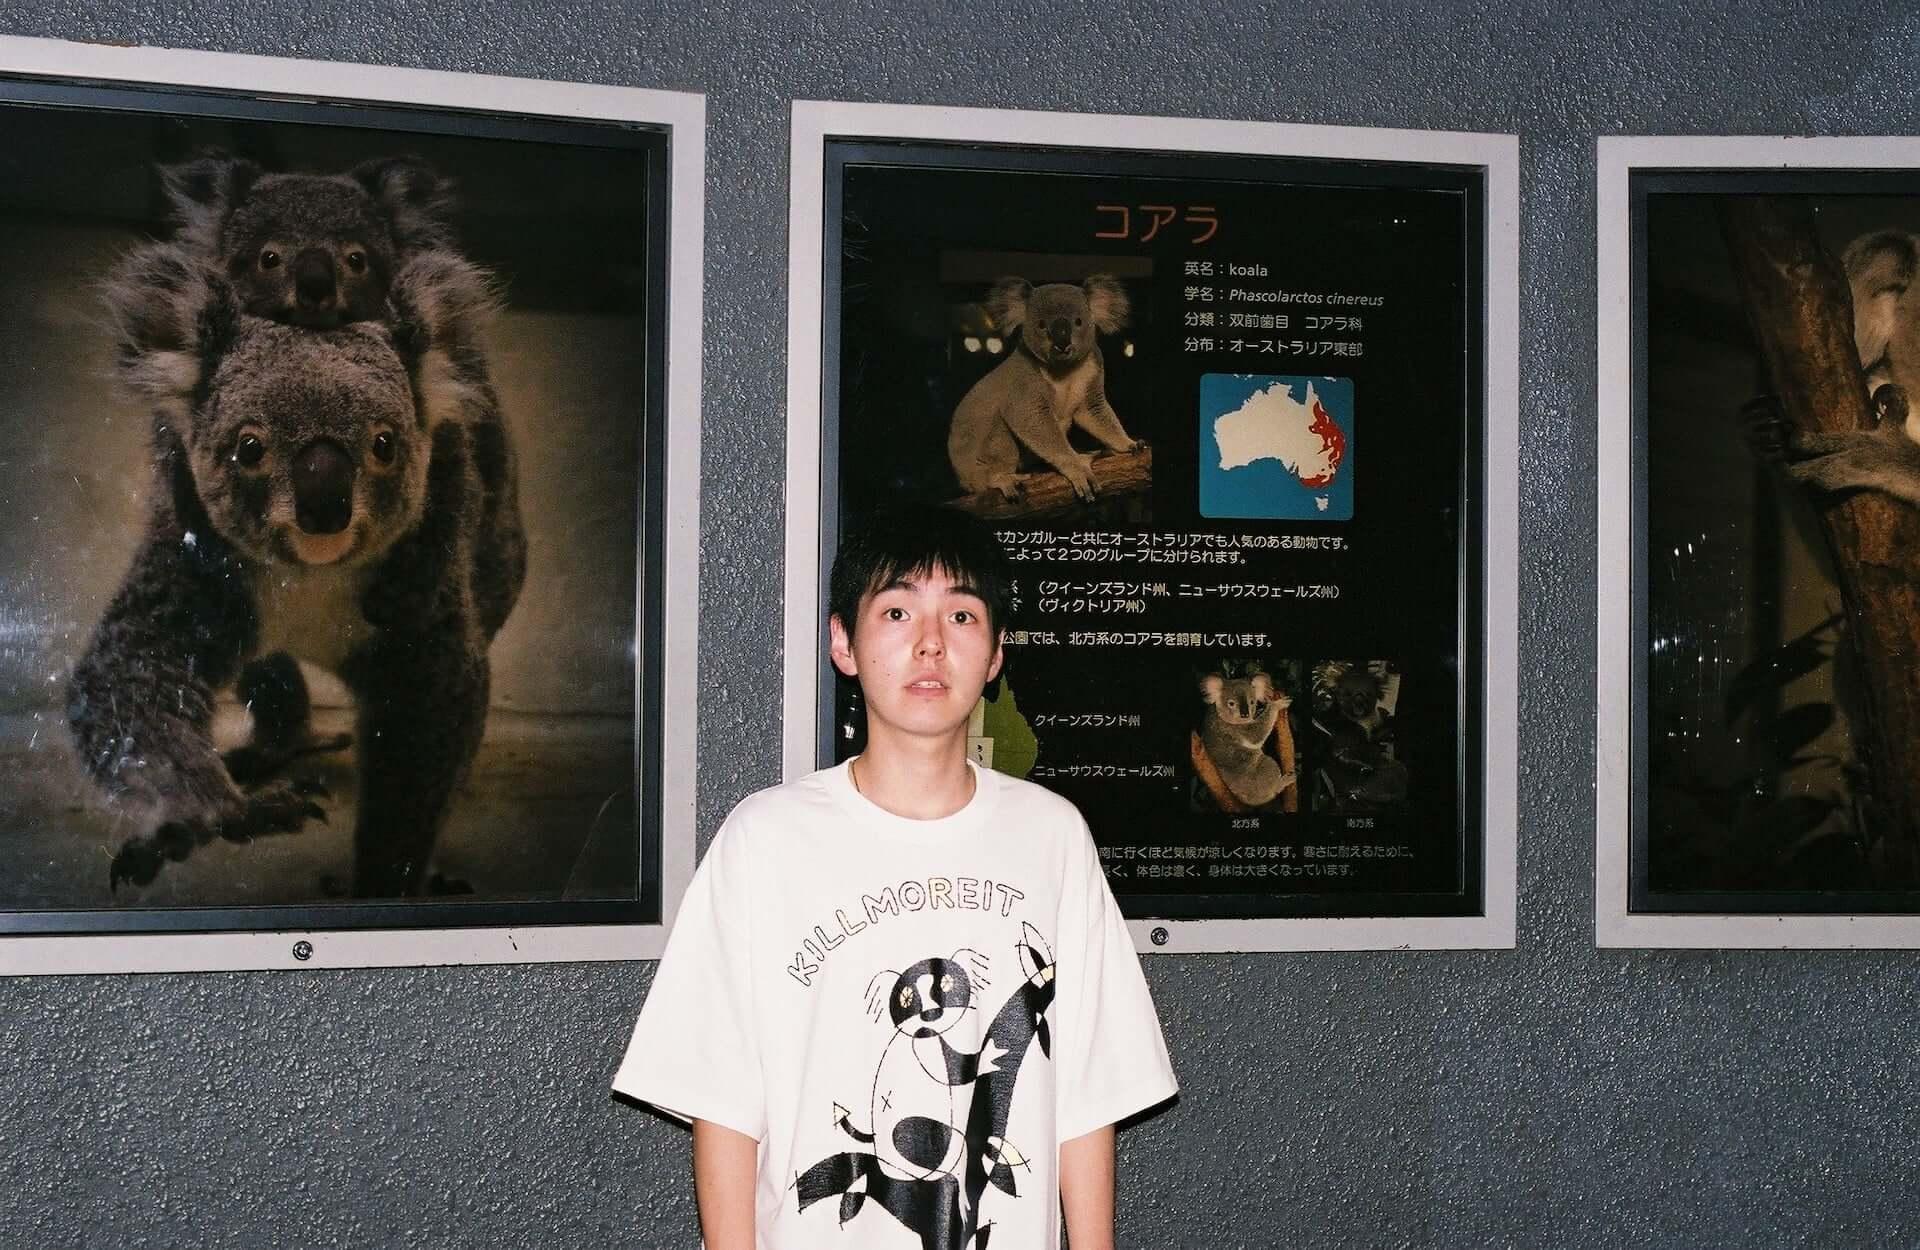 フジロック3日目に出演|新鋭ラッパー・dodo x Ryu OkuboによるコラボTシャツが本日から予約開始 lifefashion190726dodo_1-1920x1250